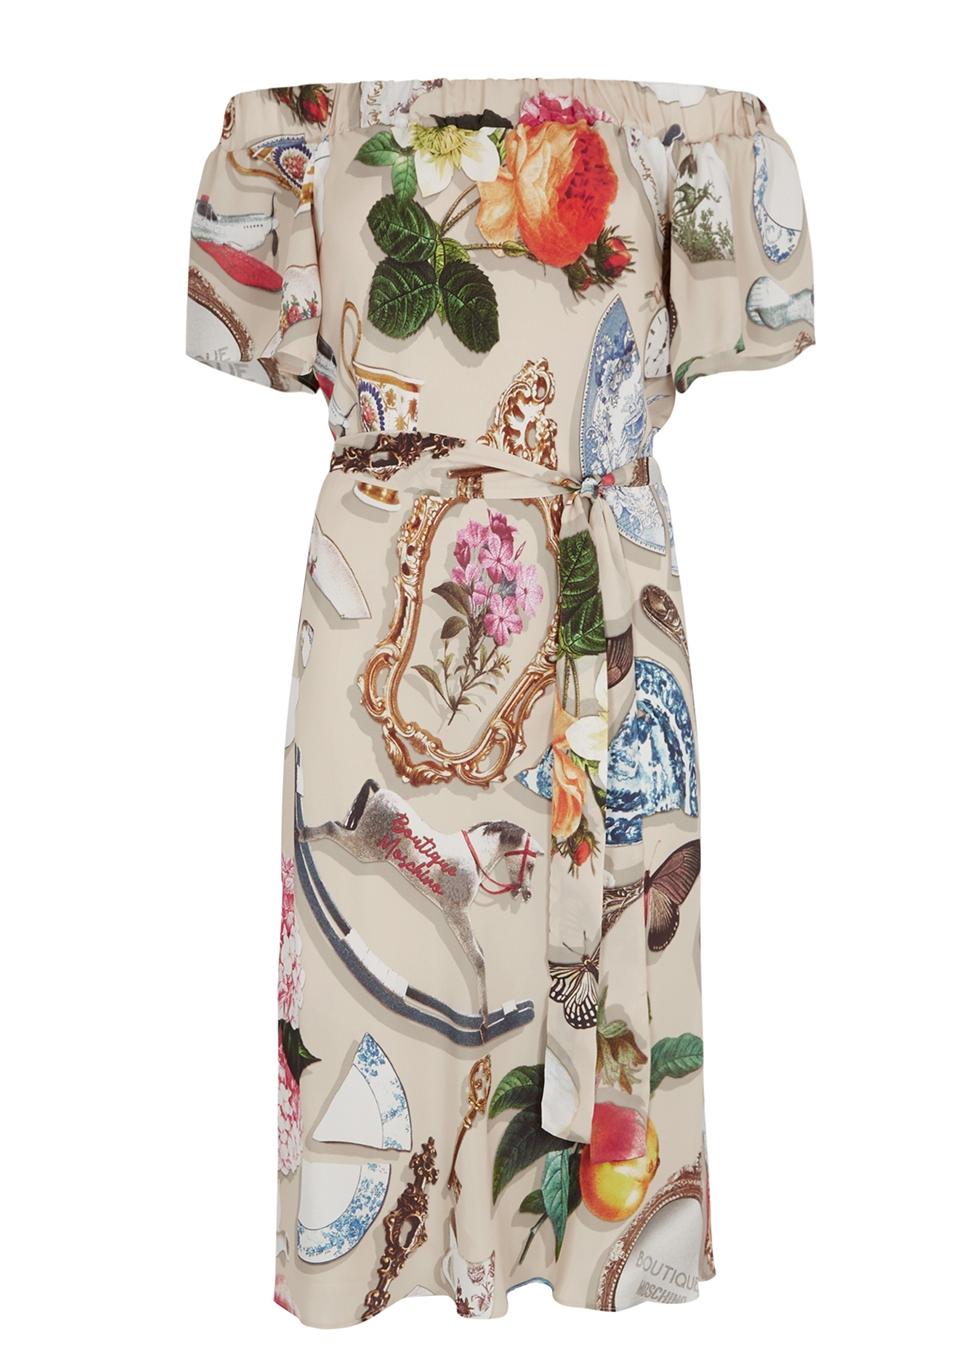 4d8be7d042 Women s Designer Clothing